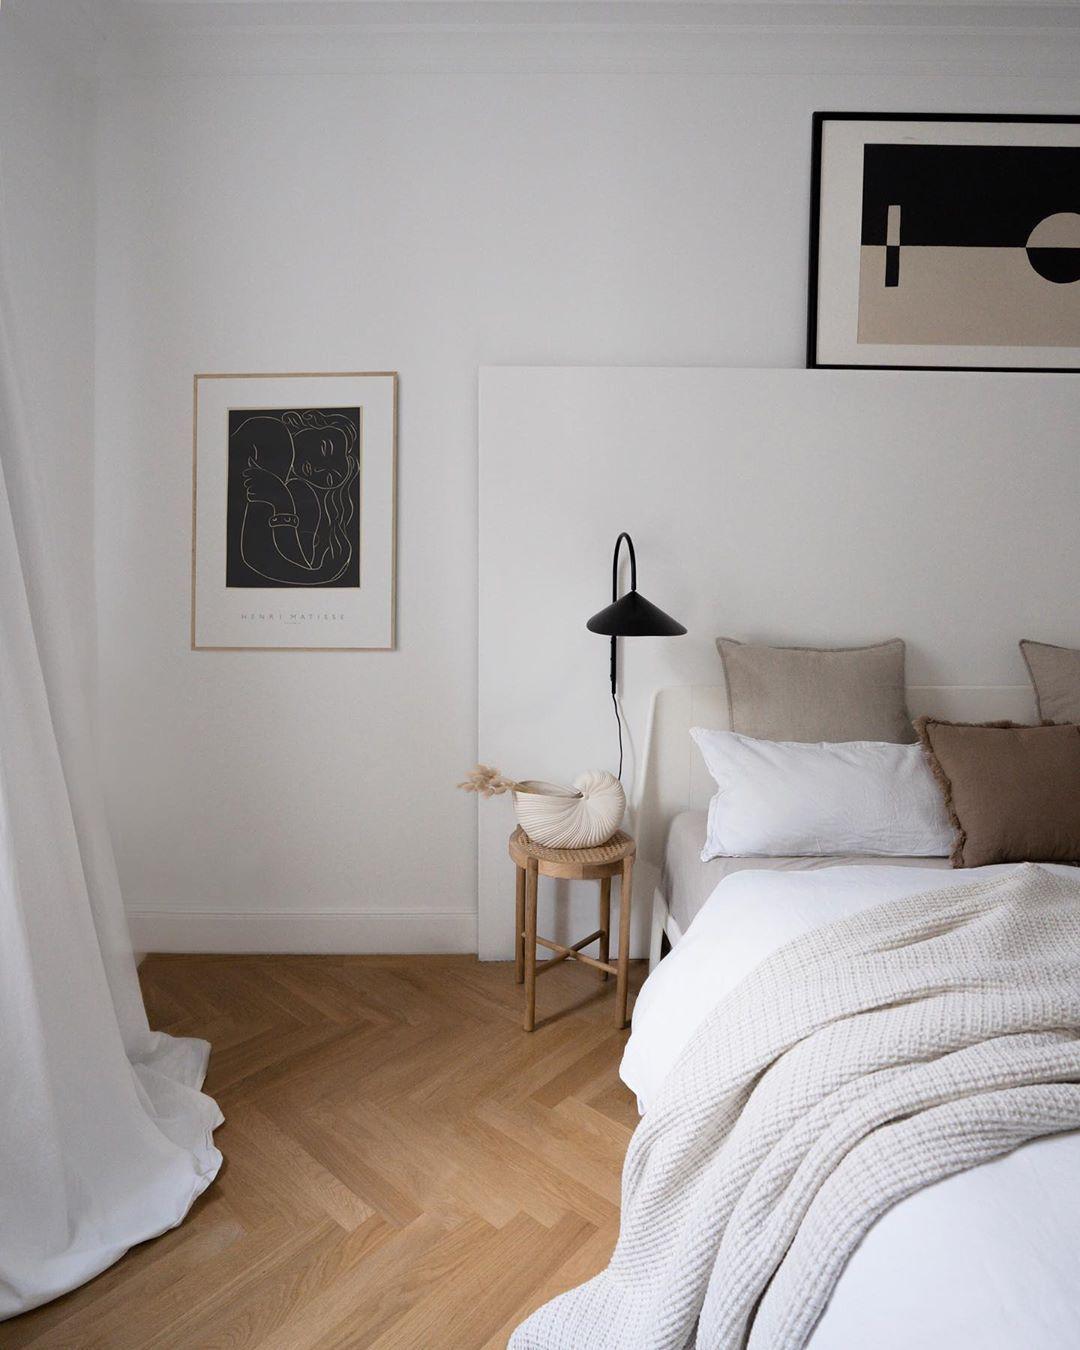 Minimal Scandinavian Bedroom with Black accents Henri Matisse art print